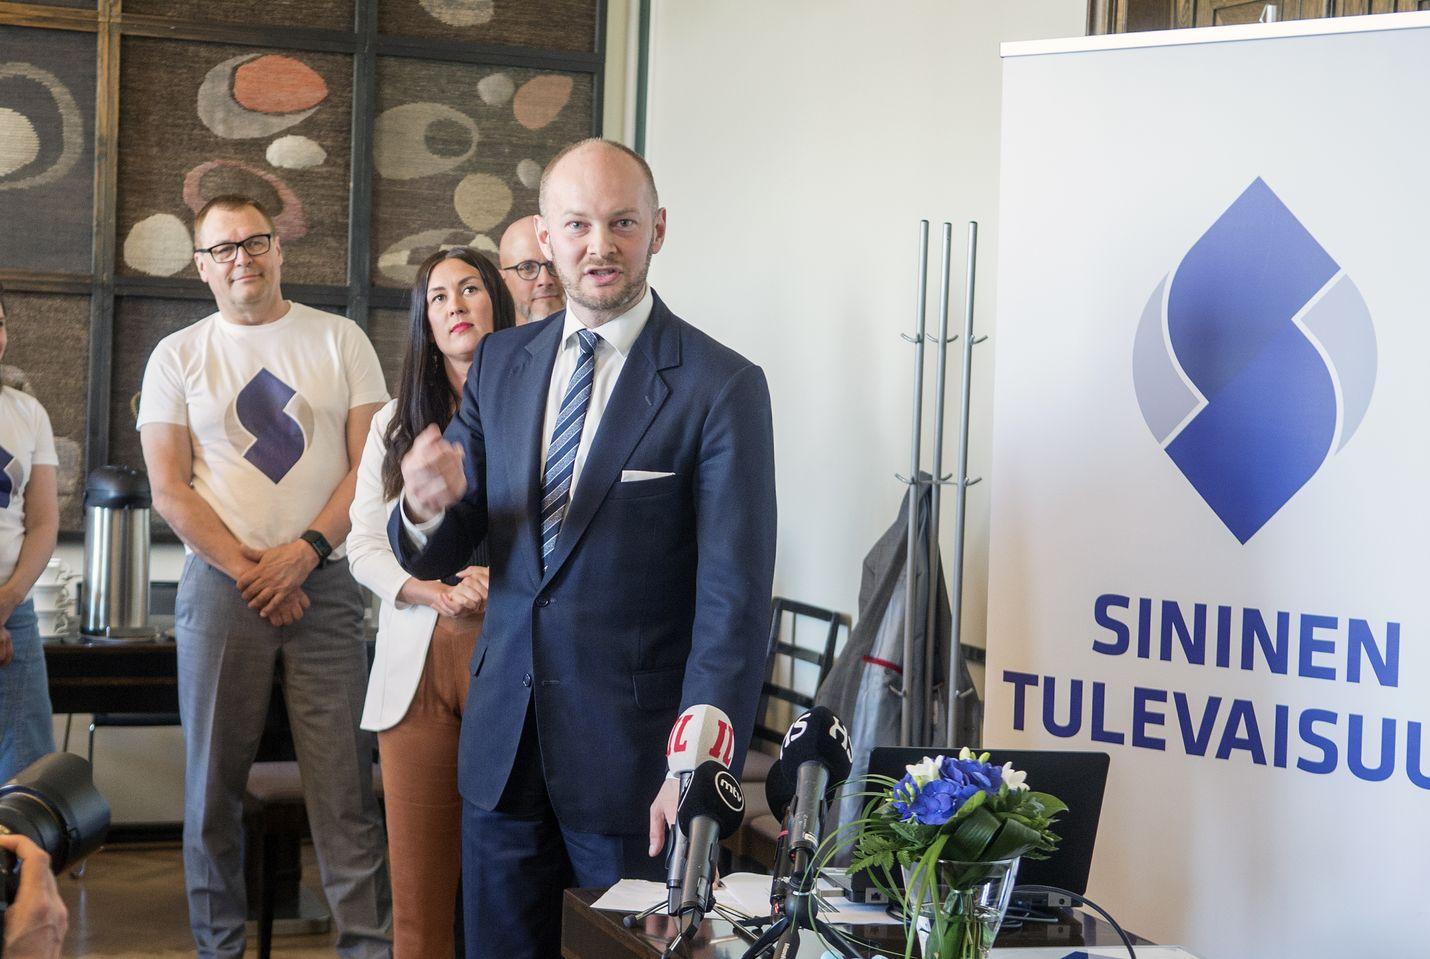 Usko tulevaisuuteen oli kova vielä toukokuussa 2018, kun sinisten puheenjohtaja Sampo Terho esitteli puolueelle luotua visuaalista ilmettä.